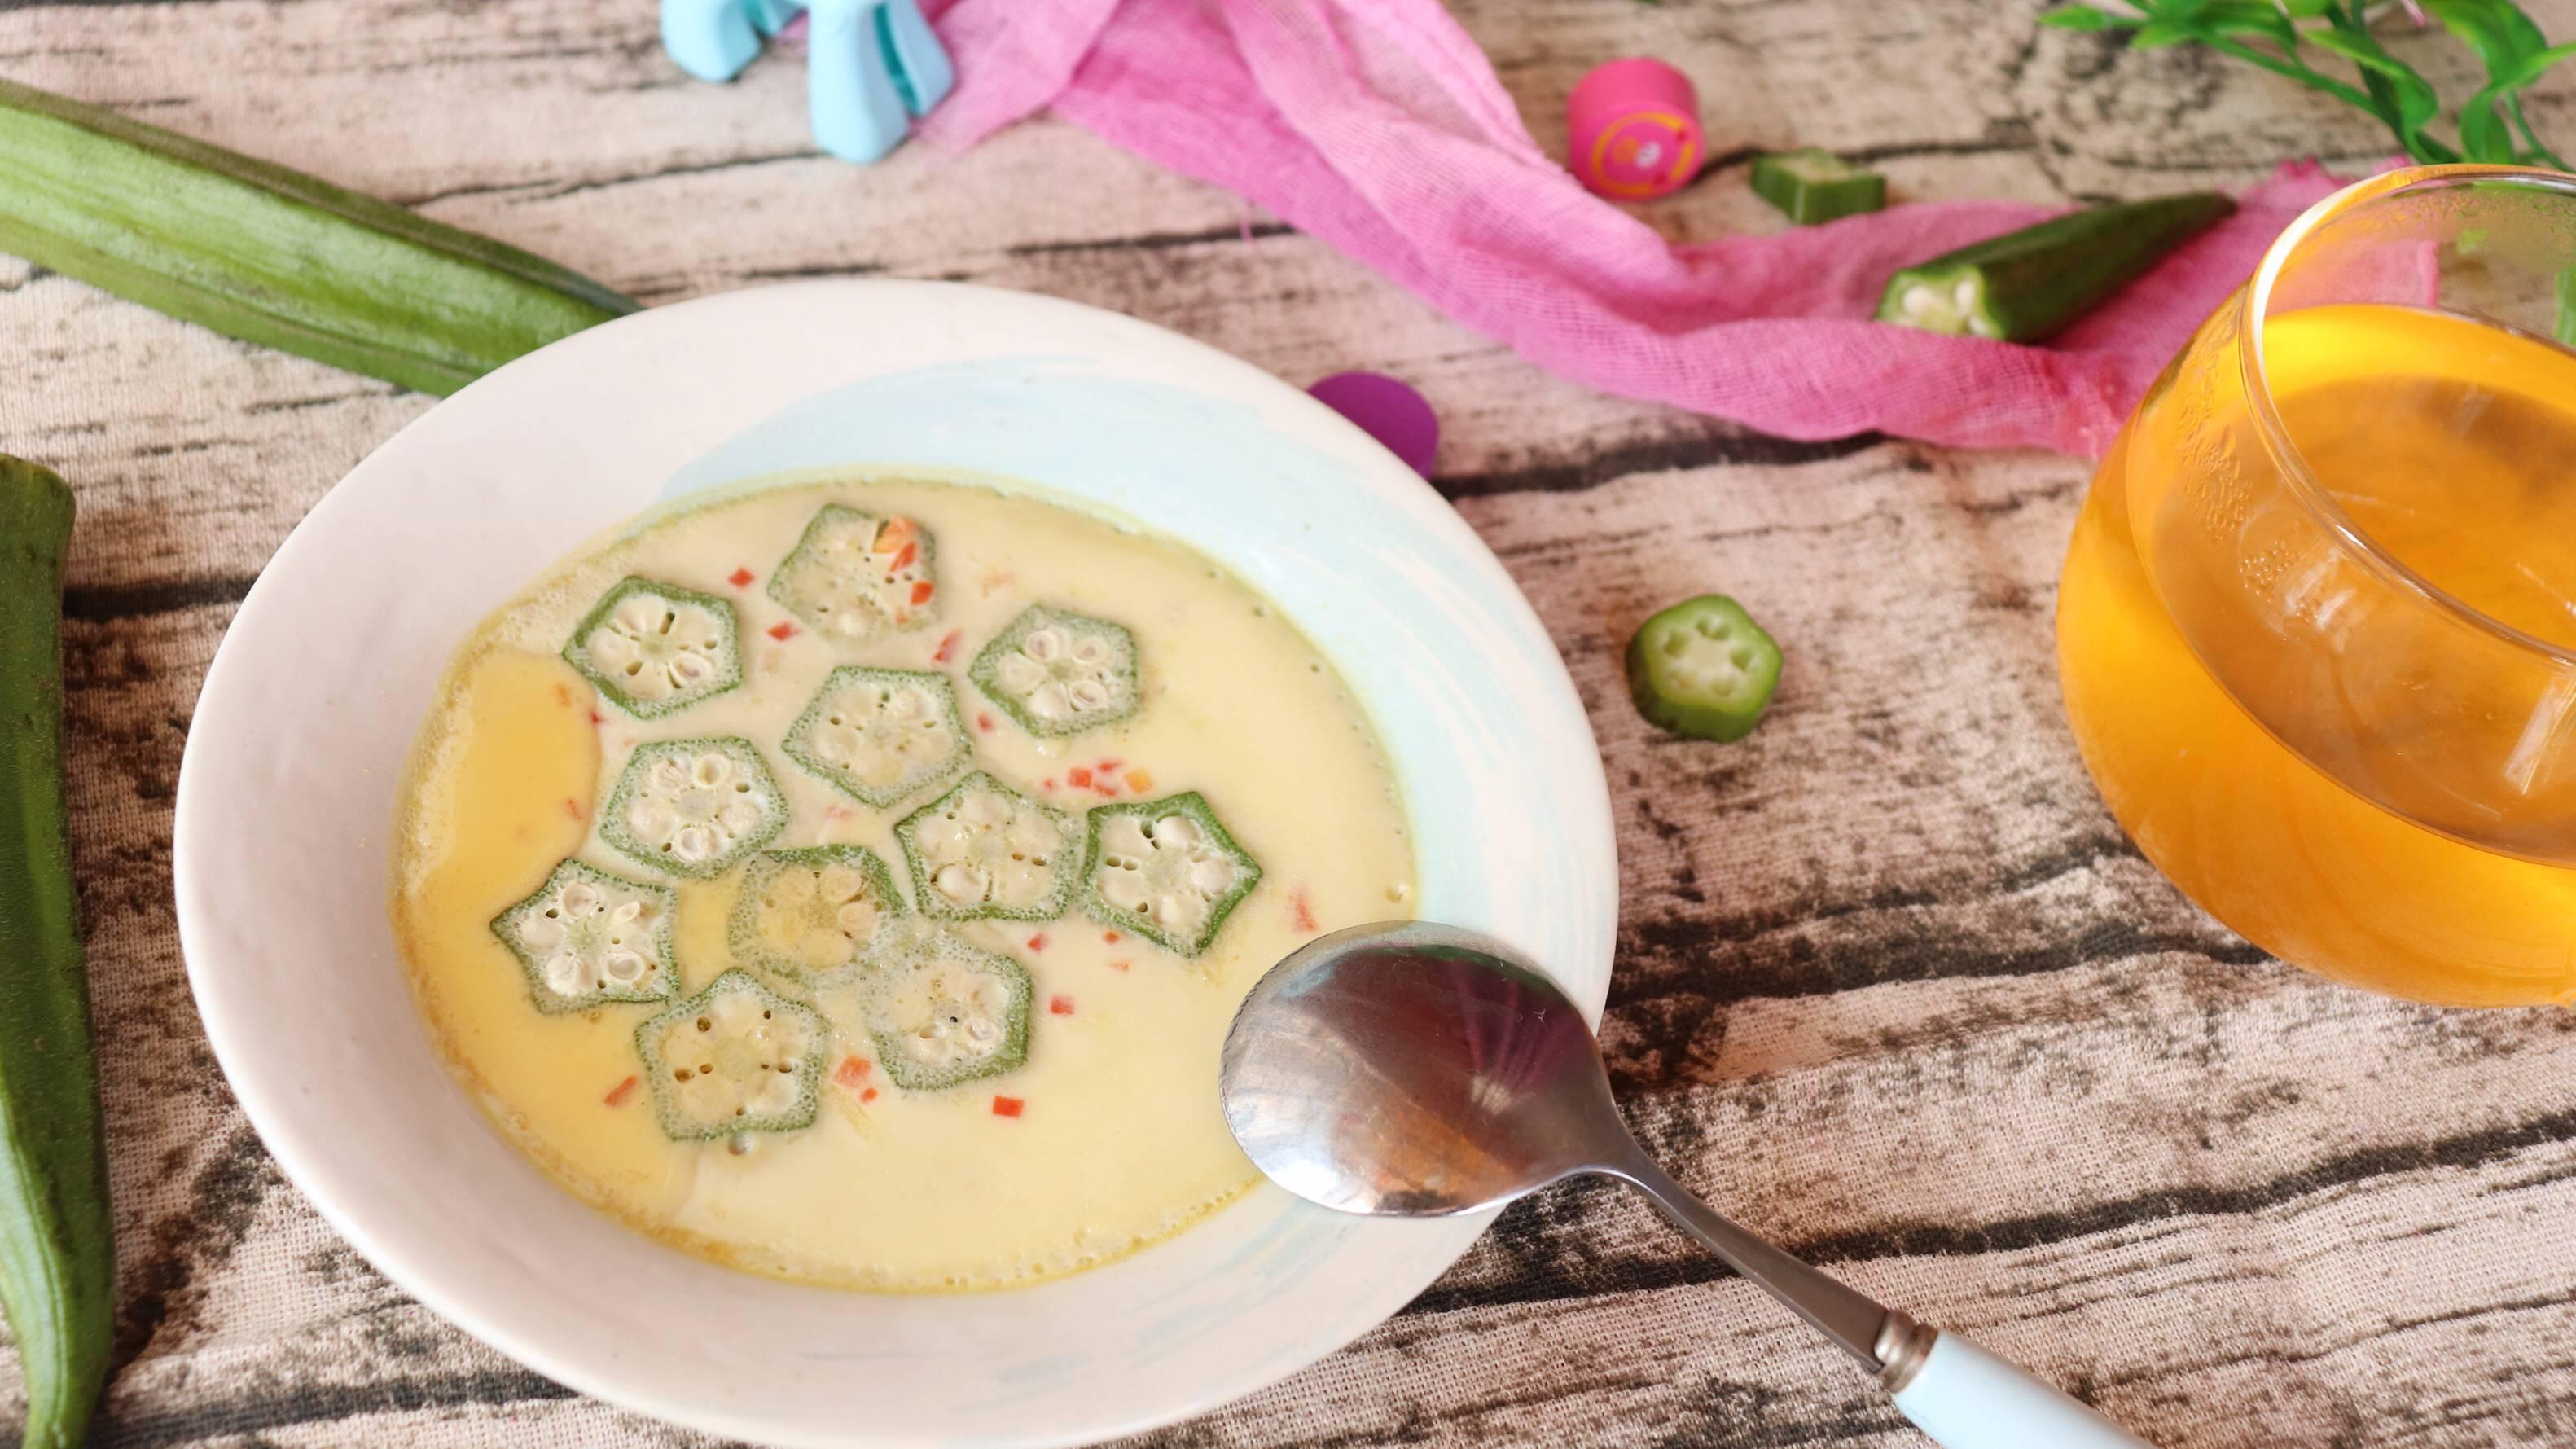 秋葵蒸蛋,蒸蛋加些自制银鱼粉,虾皮粉,香菇粉等,不仅提味,营养也更加丰富呢!</p> <p>